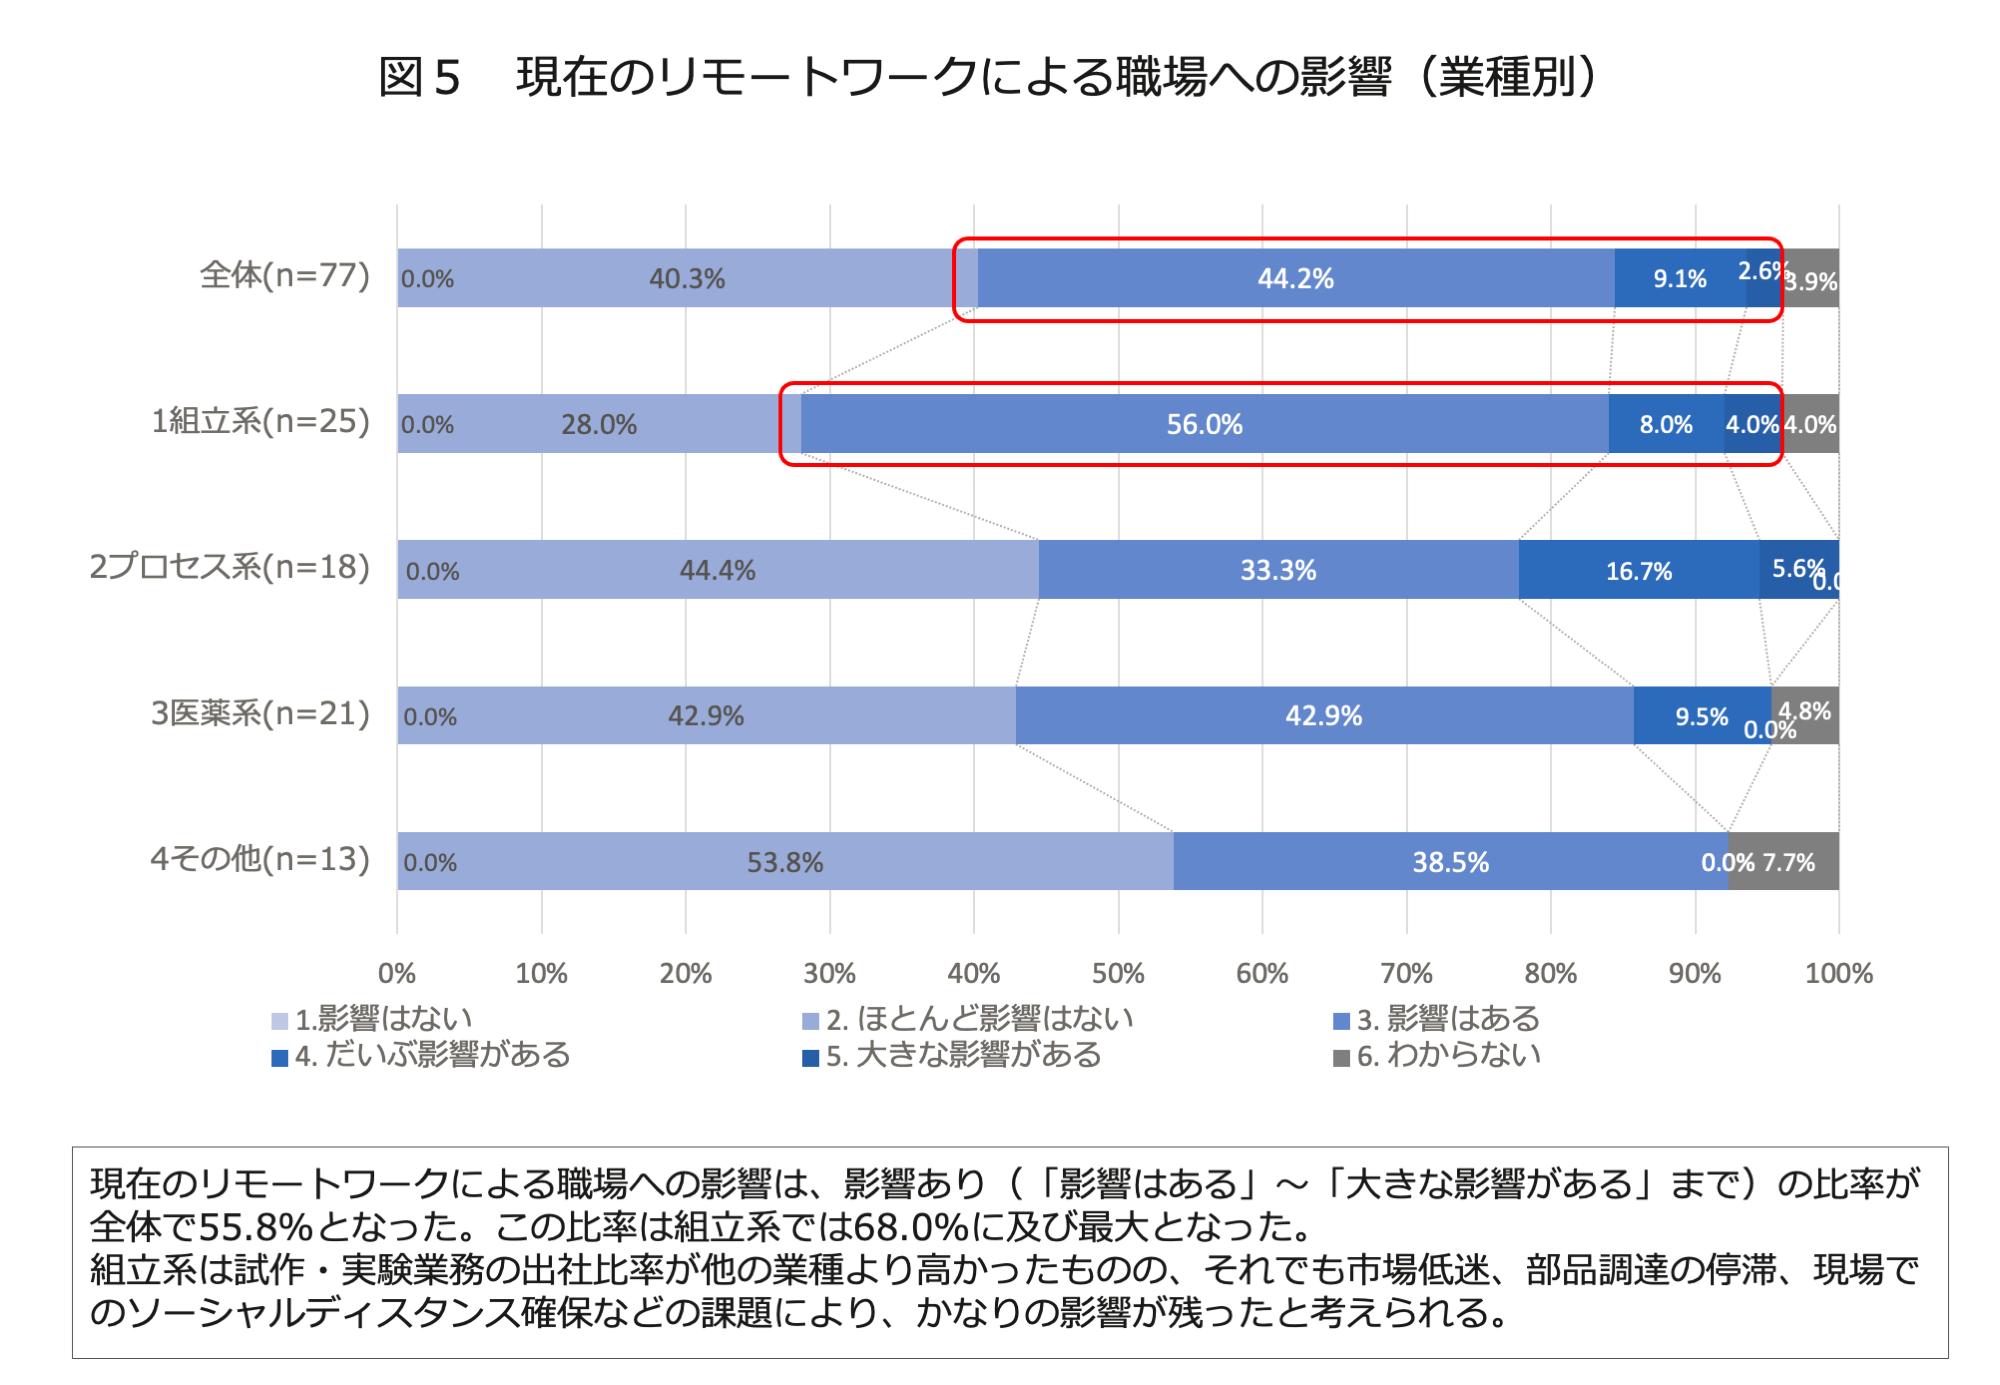 図5 現在のリモートワークによる職場への影響(業種別)